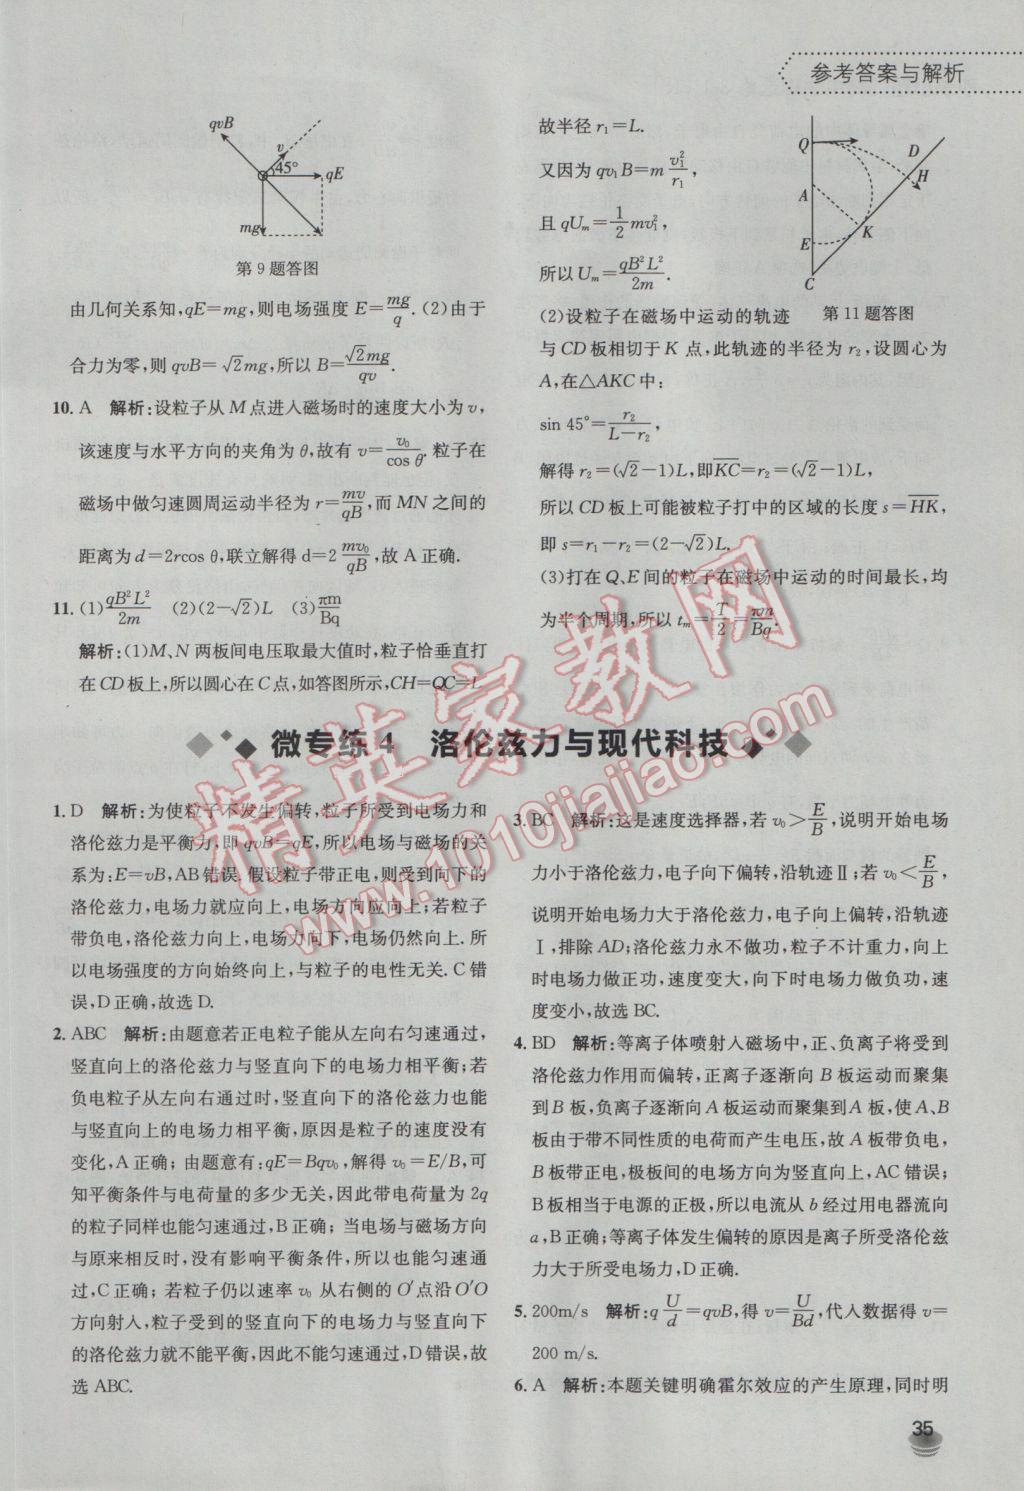 秒杀小题高中高中选修3-1物理版v高中人教第35页答案三门峡黄冈图片